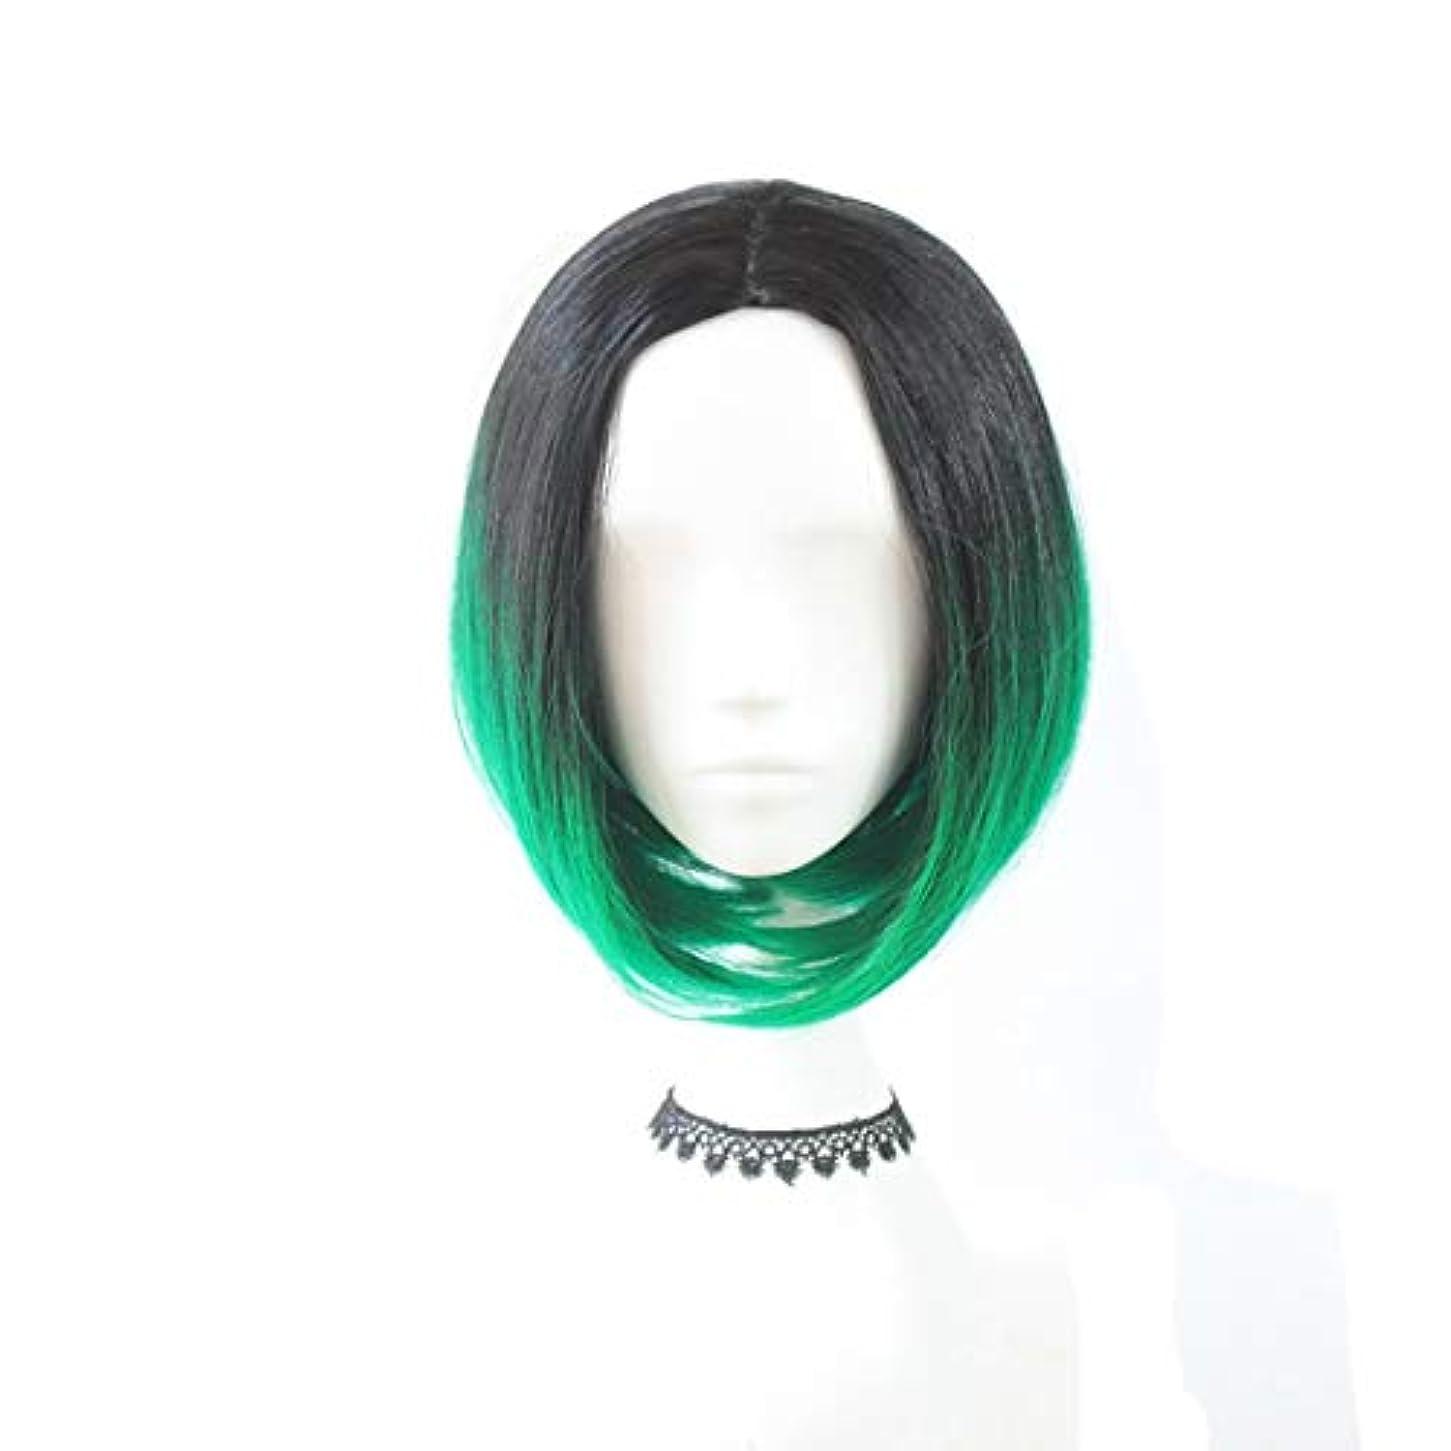 キネマティクスグラディス憂鬱YOUQIU 女性の自然なウィッグショートストレートBOB髪のグラデーションの色ウィッグCOSウィッグウィッグ (色 : オレンジ)